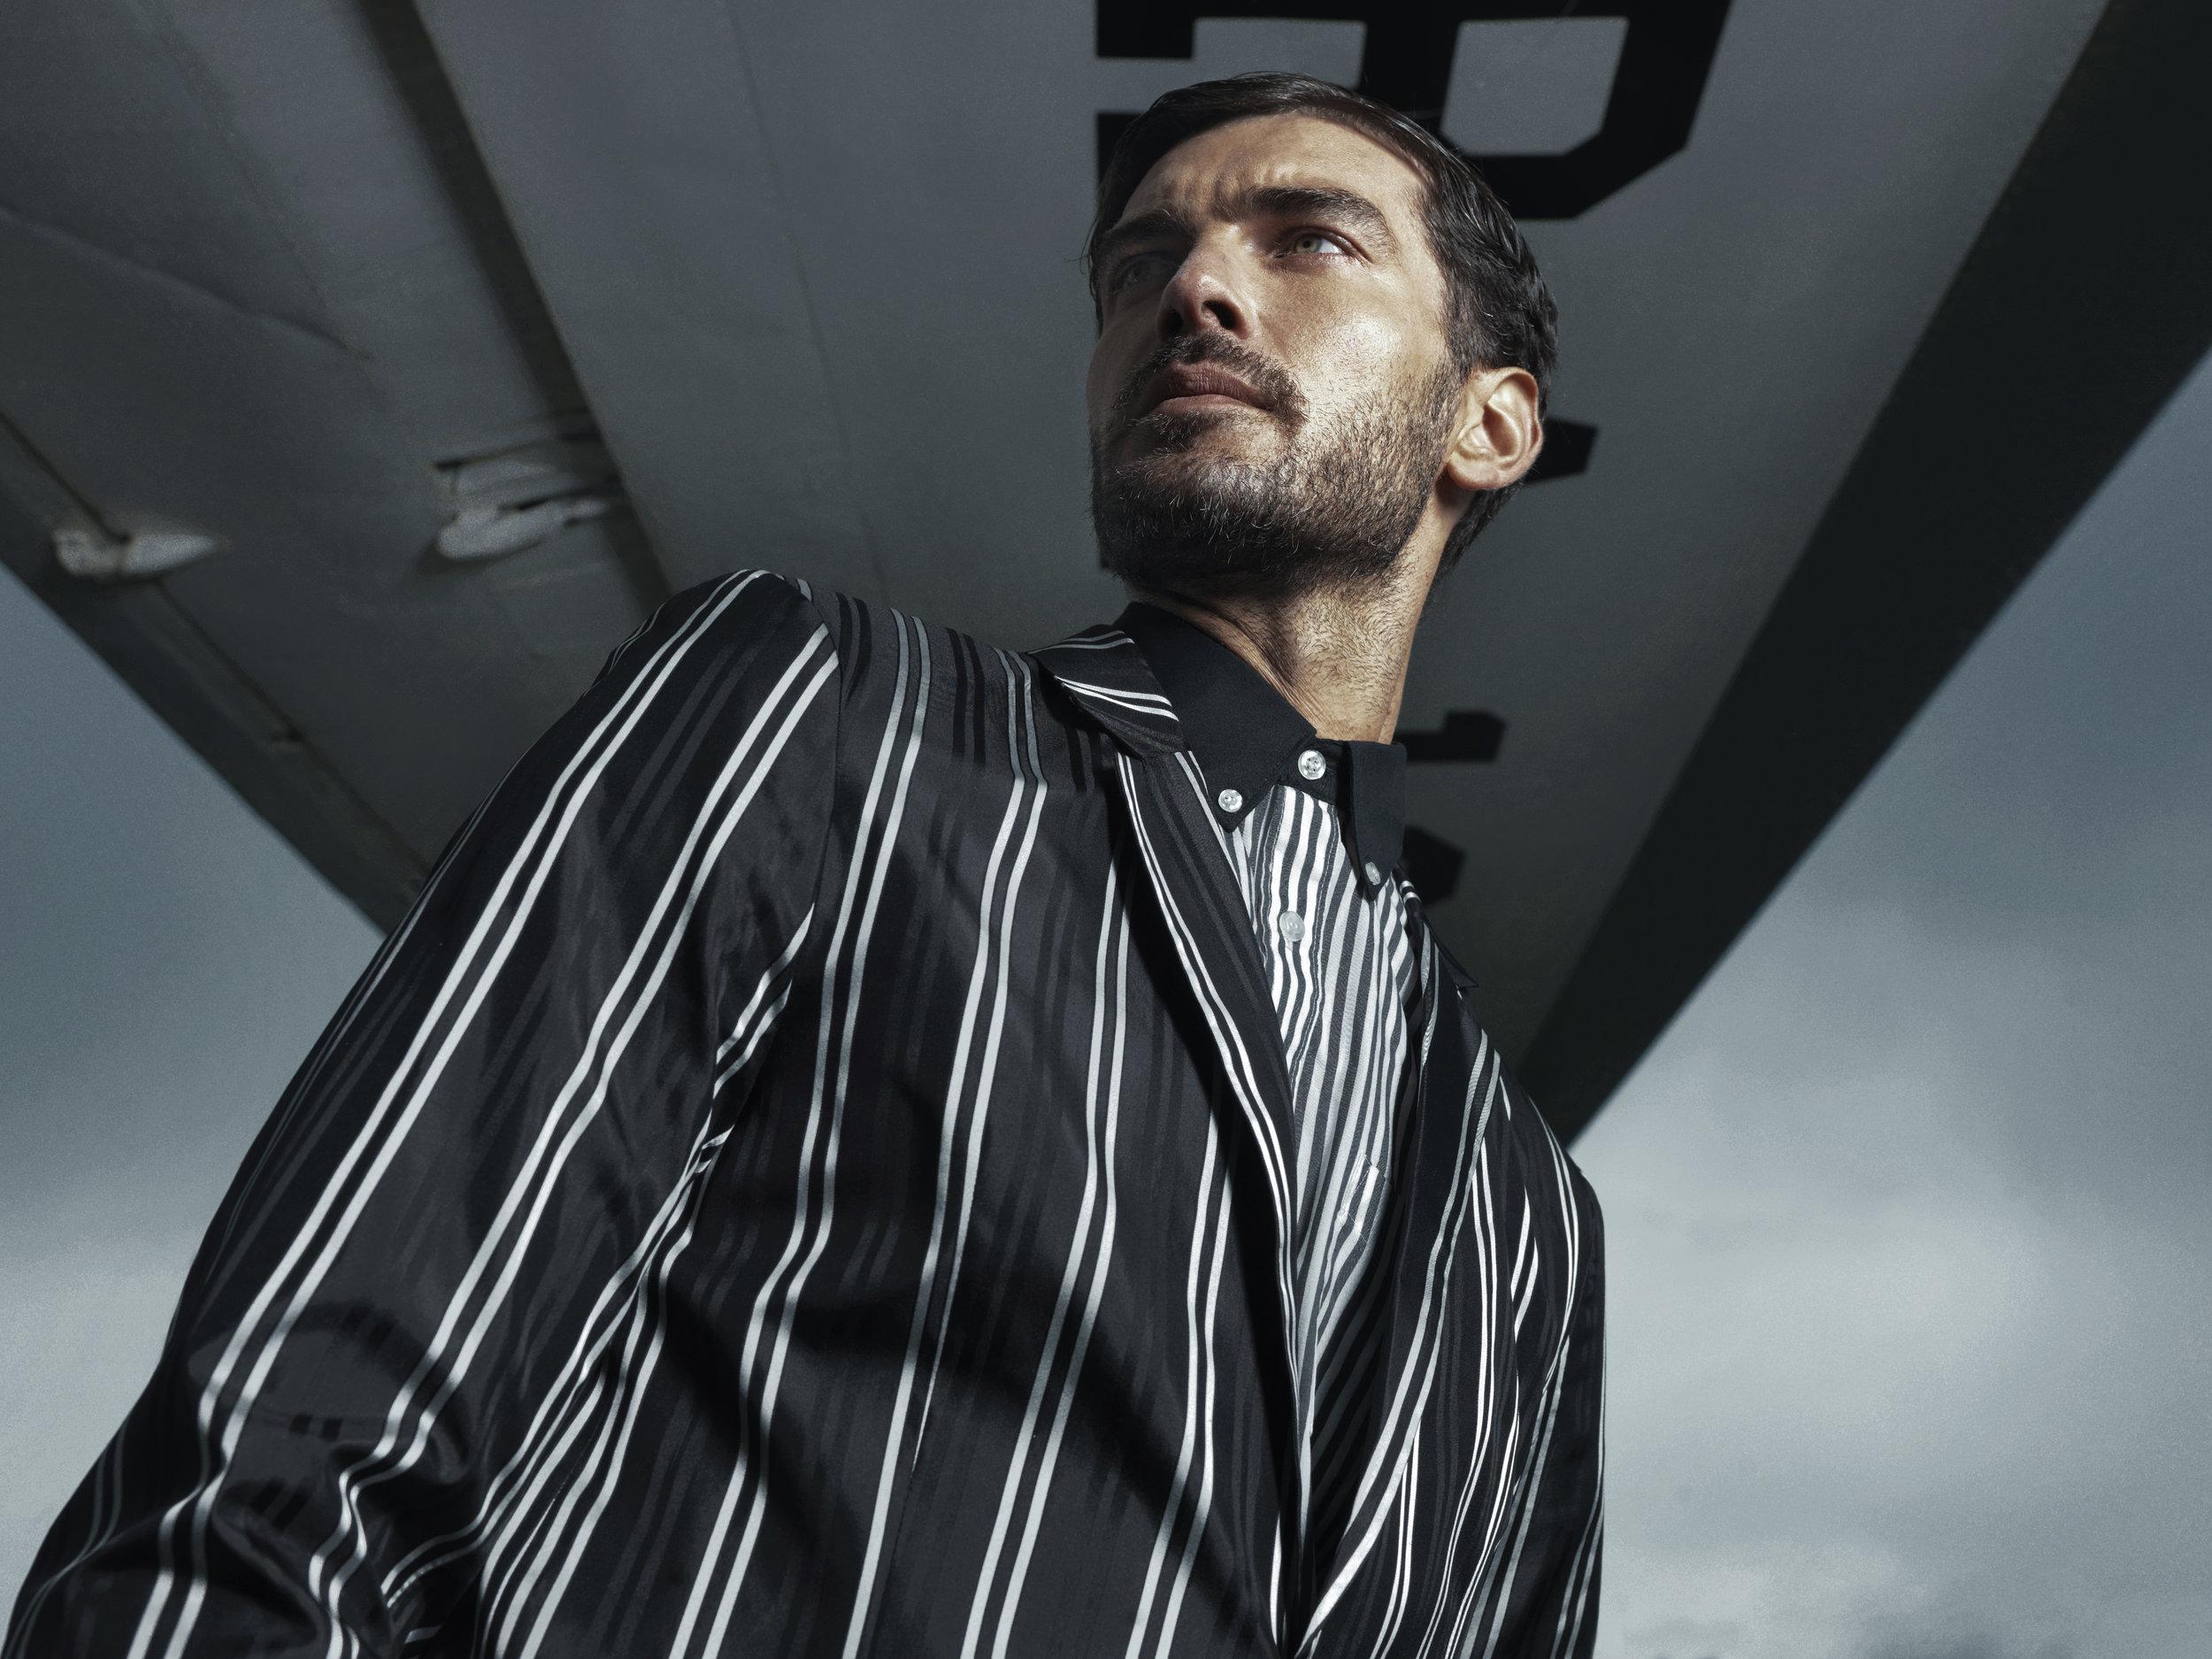 Shirt Pierre Leon Suit jacket H&M Studio